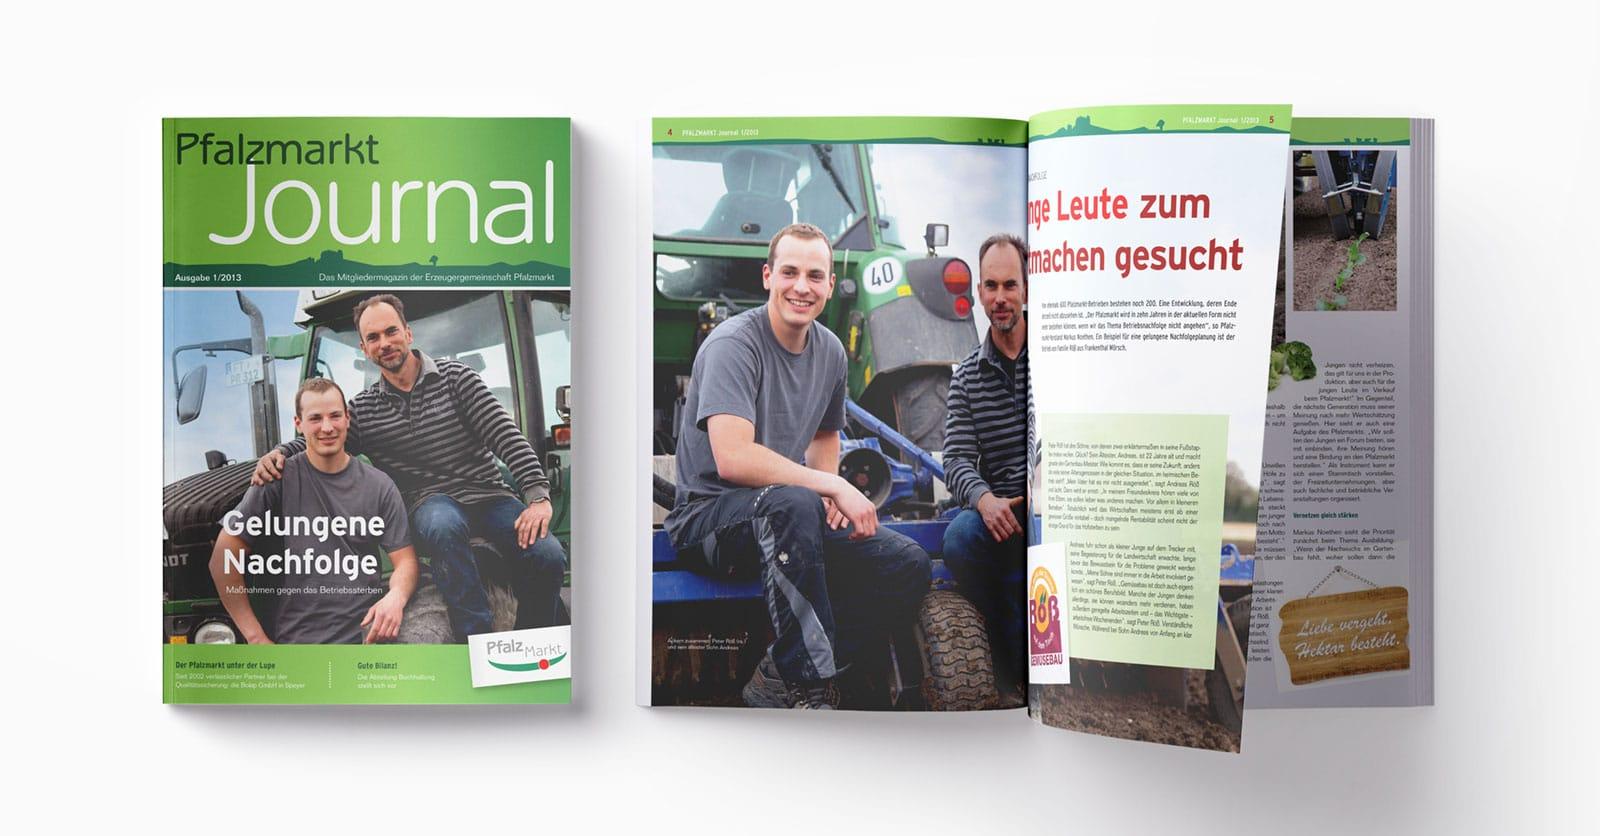 Pfalzmarkt Journal Ausgabe 1-2013